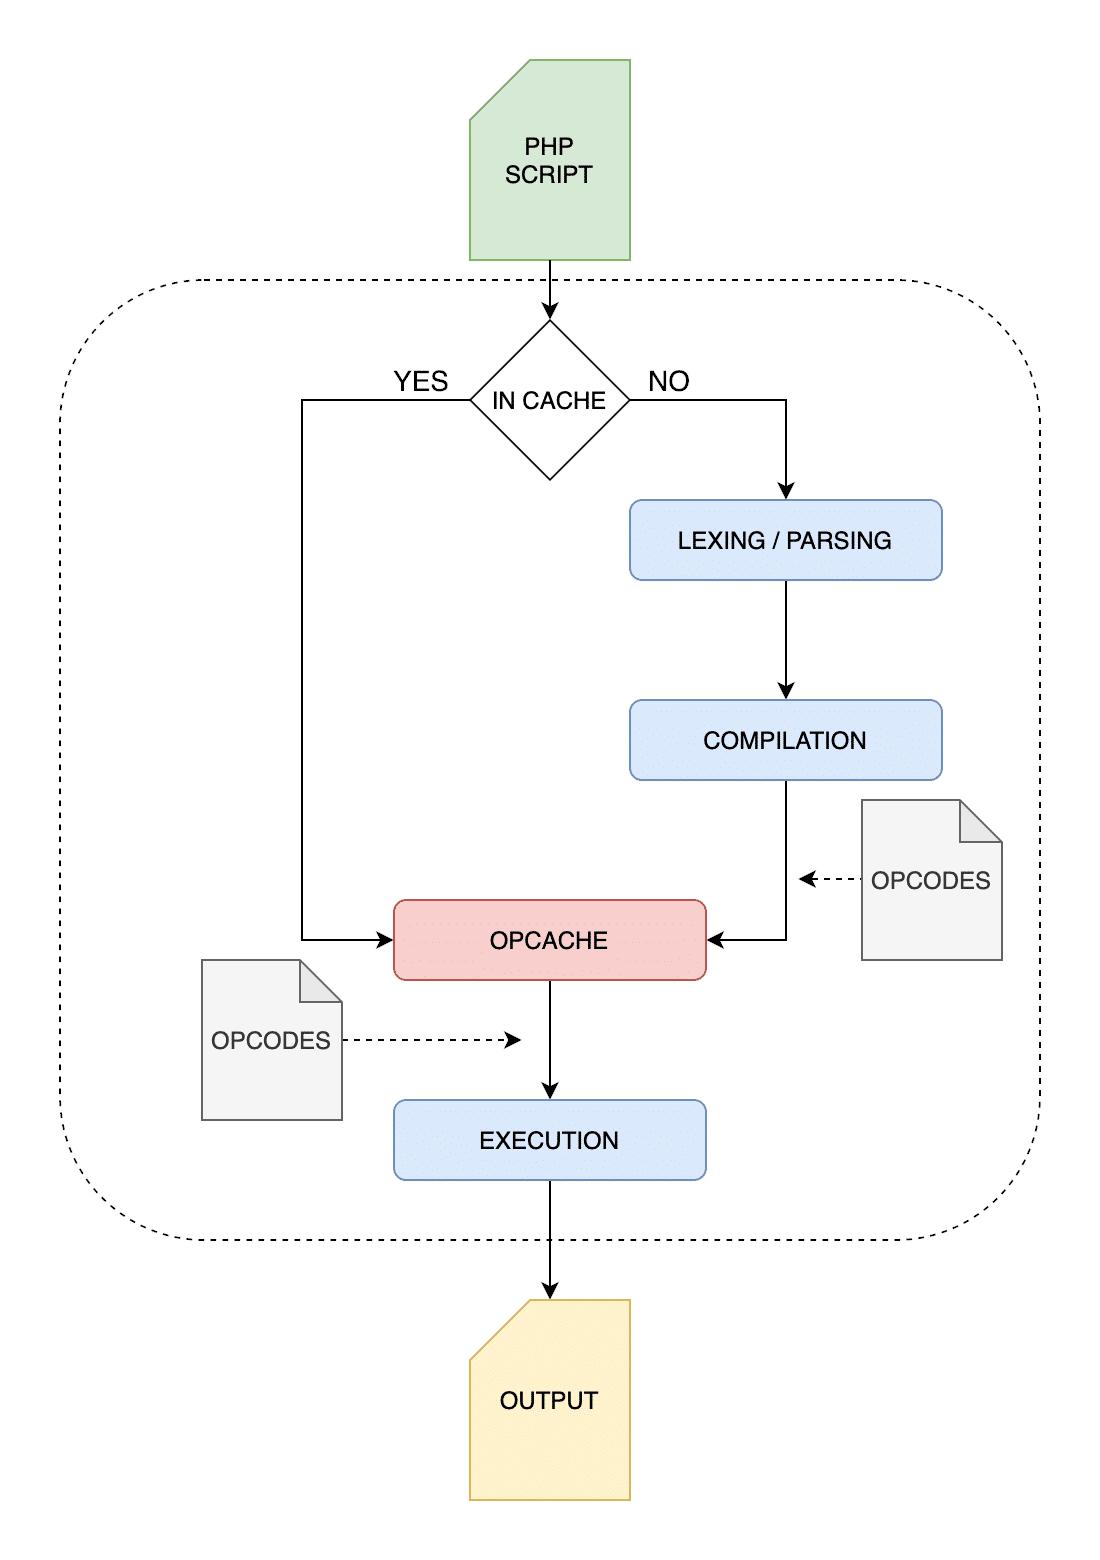 Processo de execução do PHP com OPcache habilitado